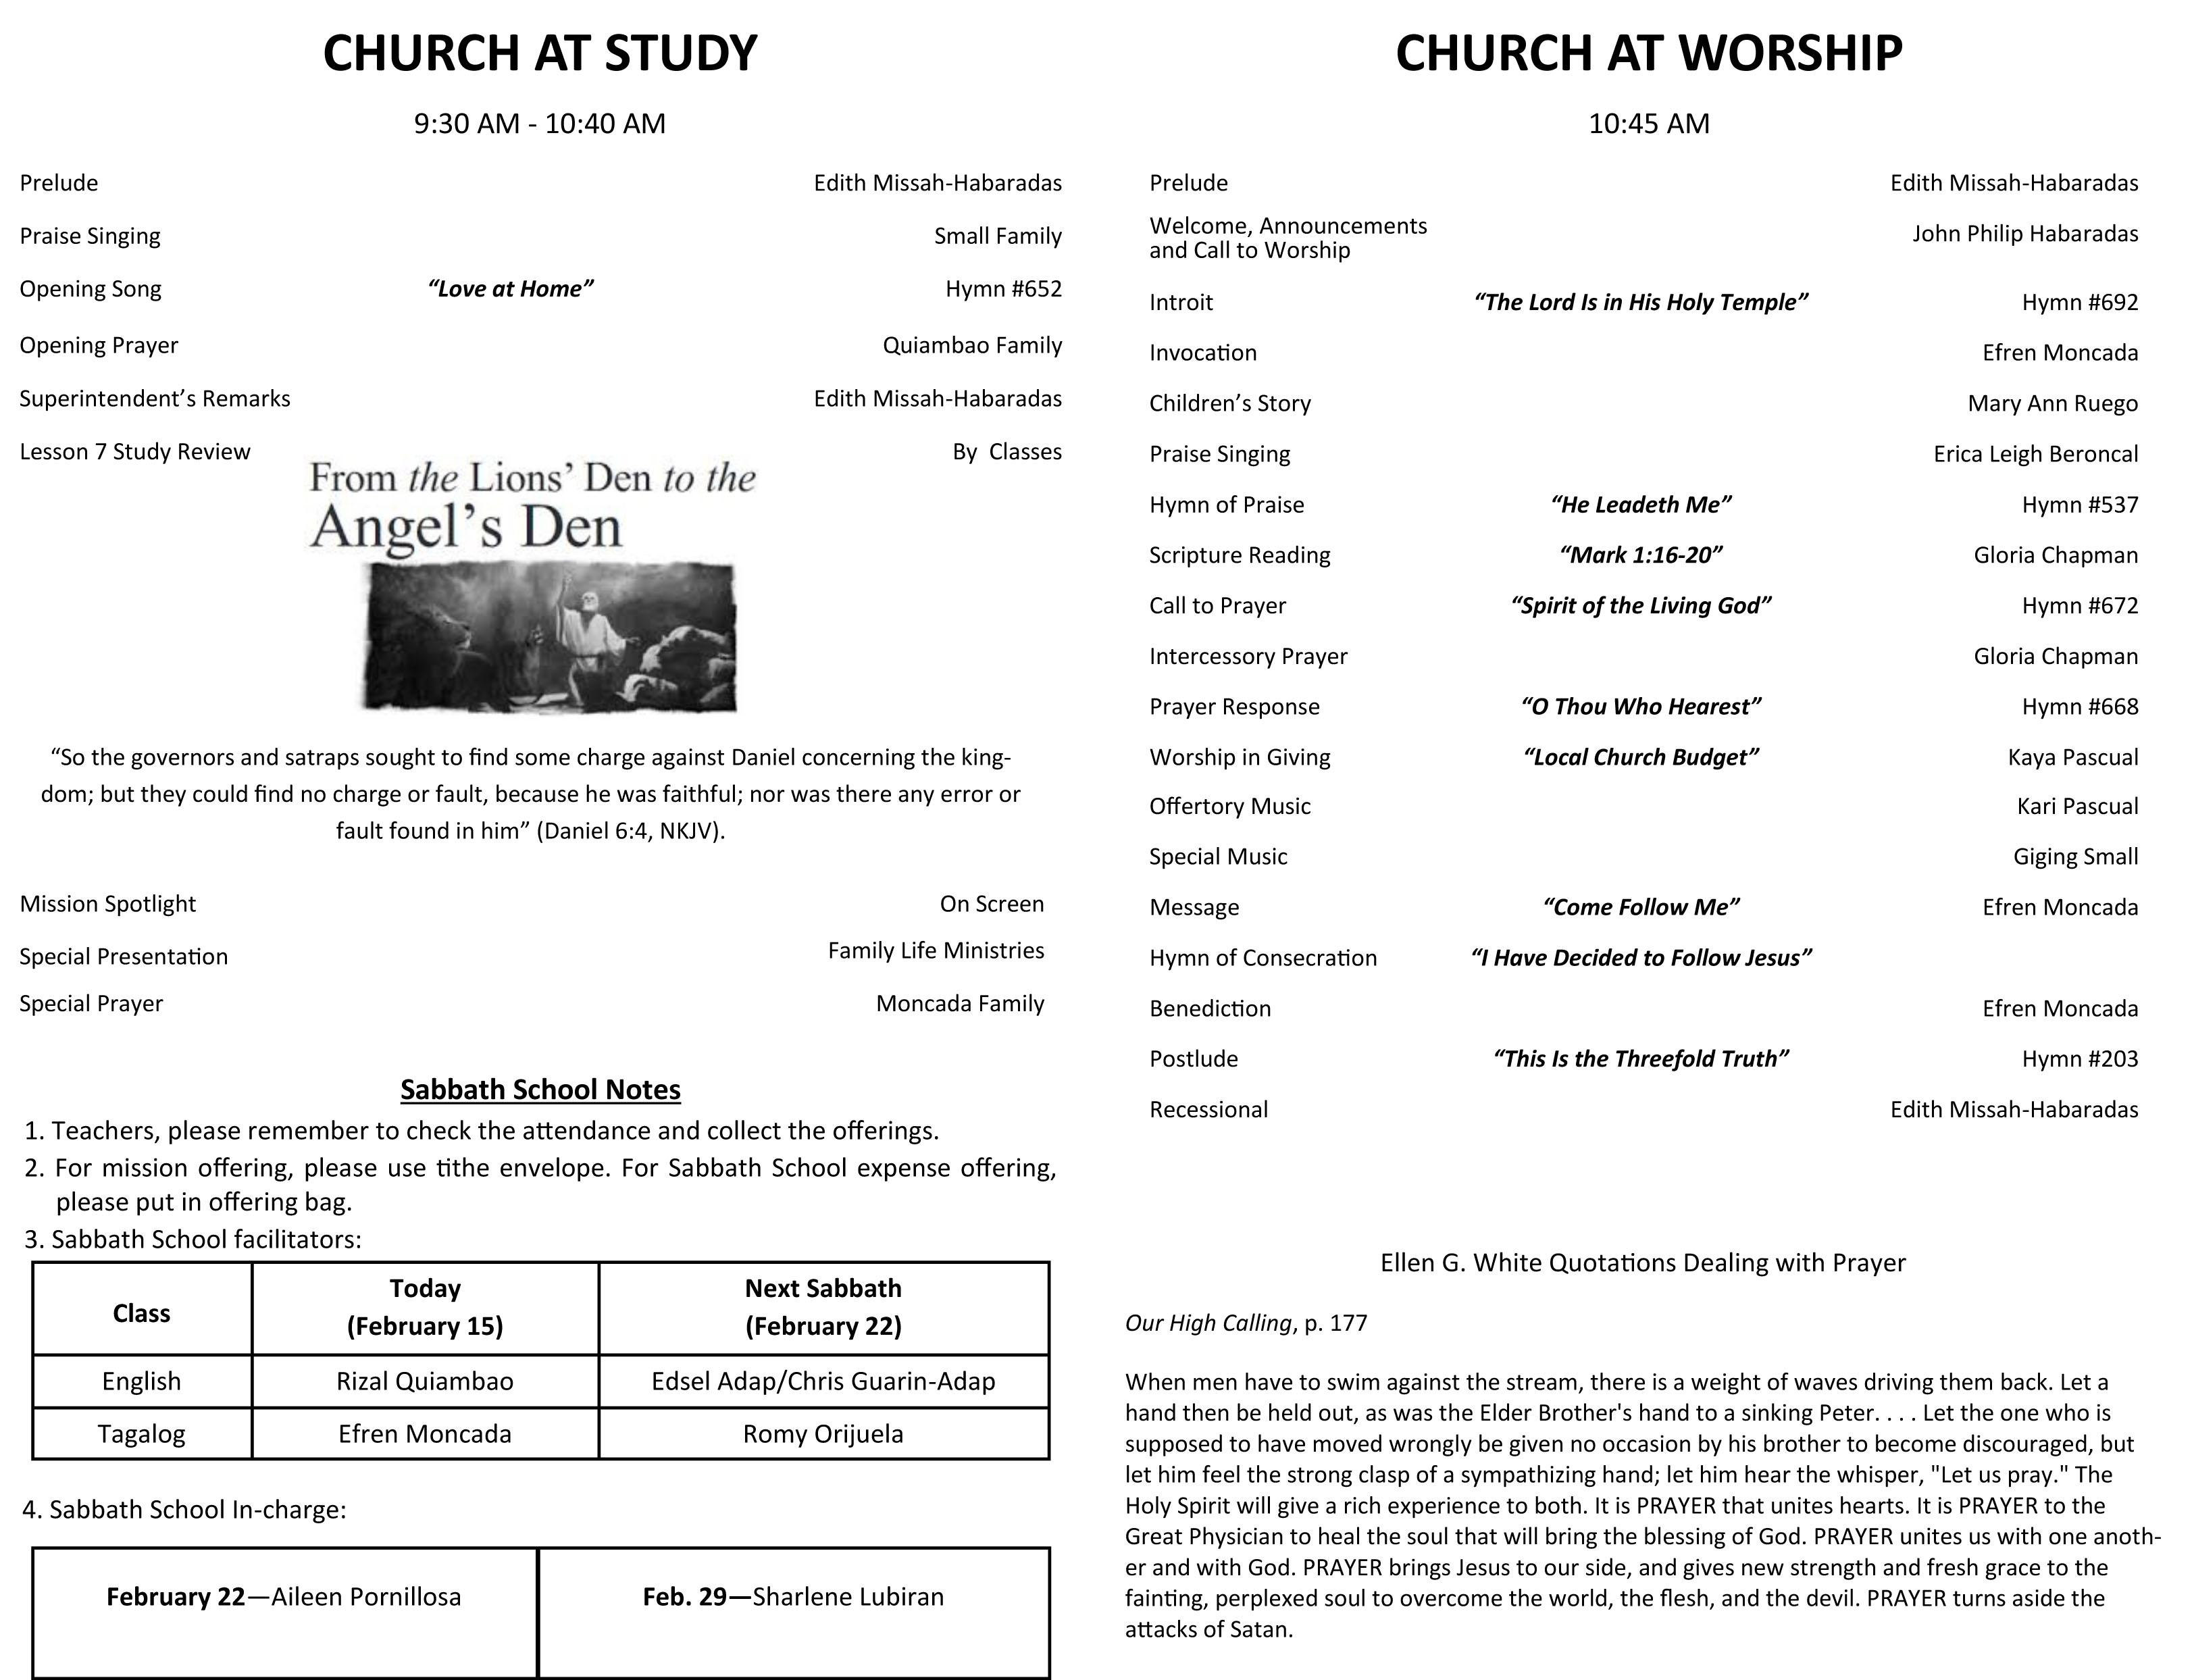 DFCC Church Bulletin February 15, 2020